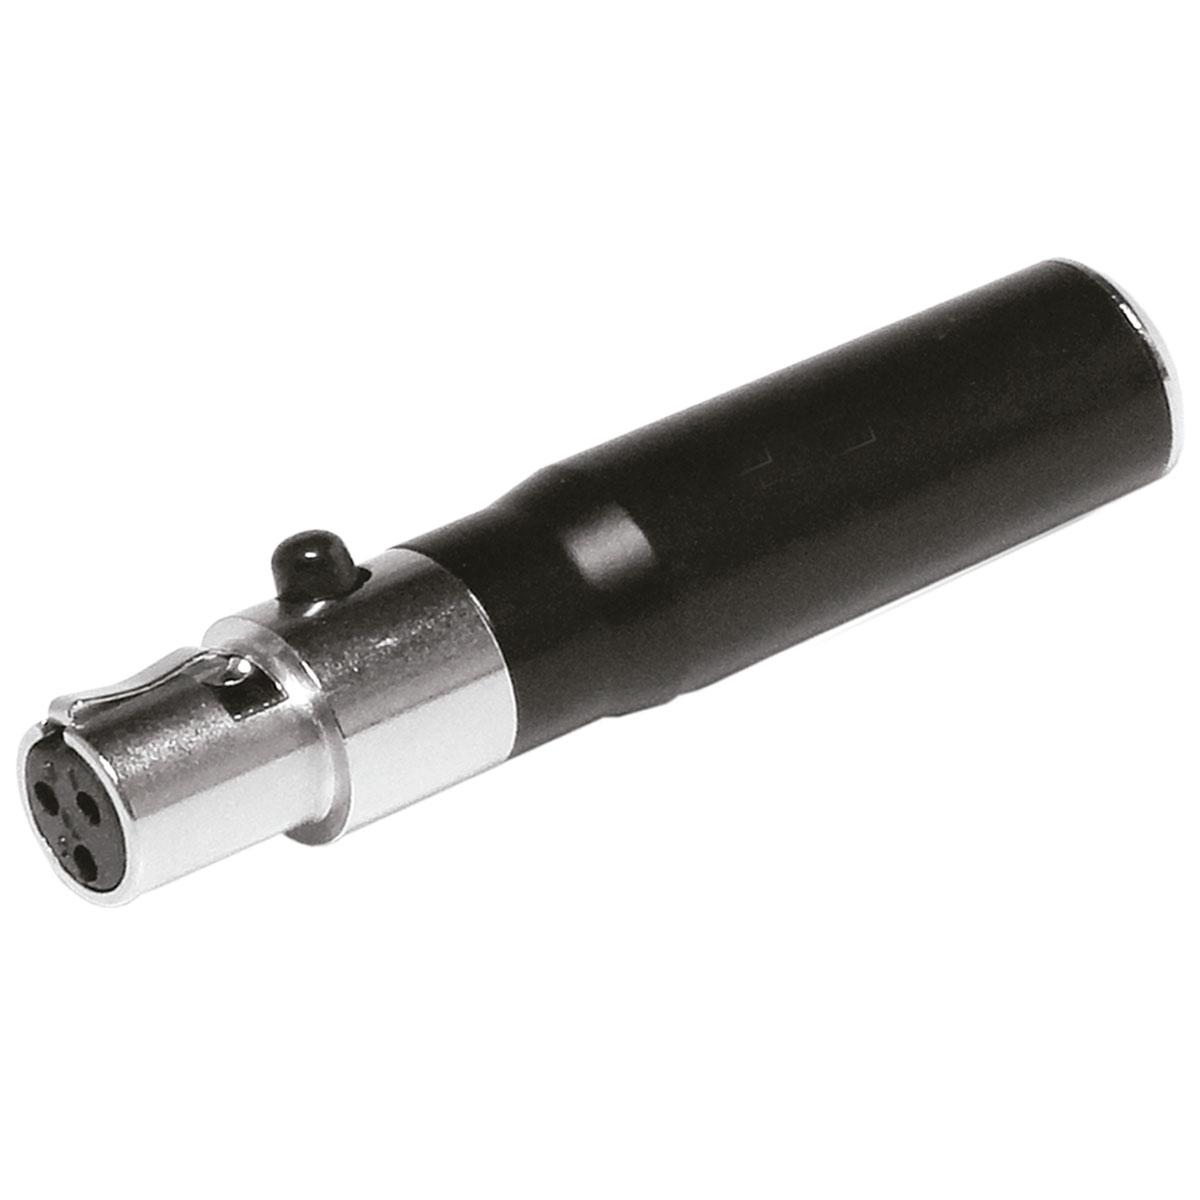 Adaptador para Microfone (AKG / SHURE) - SK 401 CSR